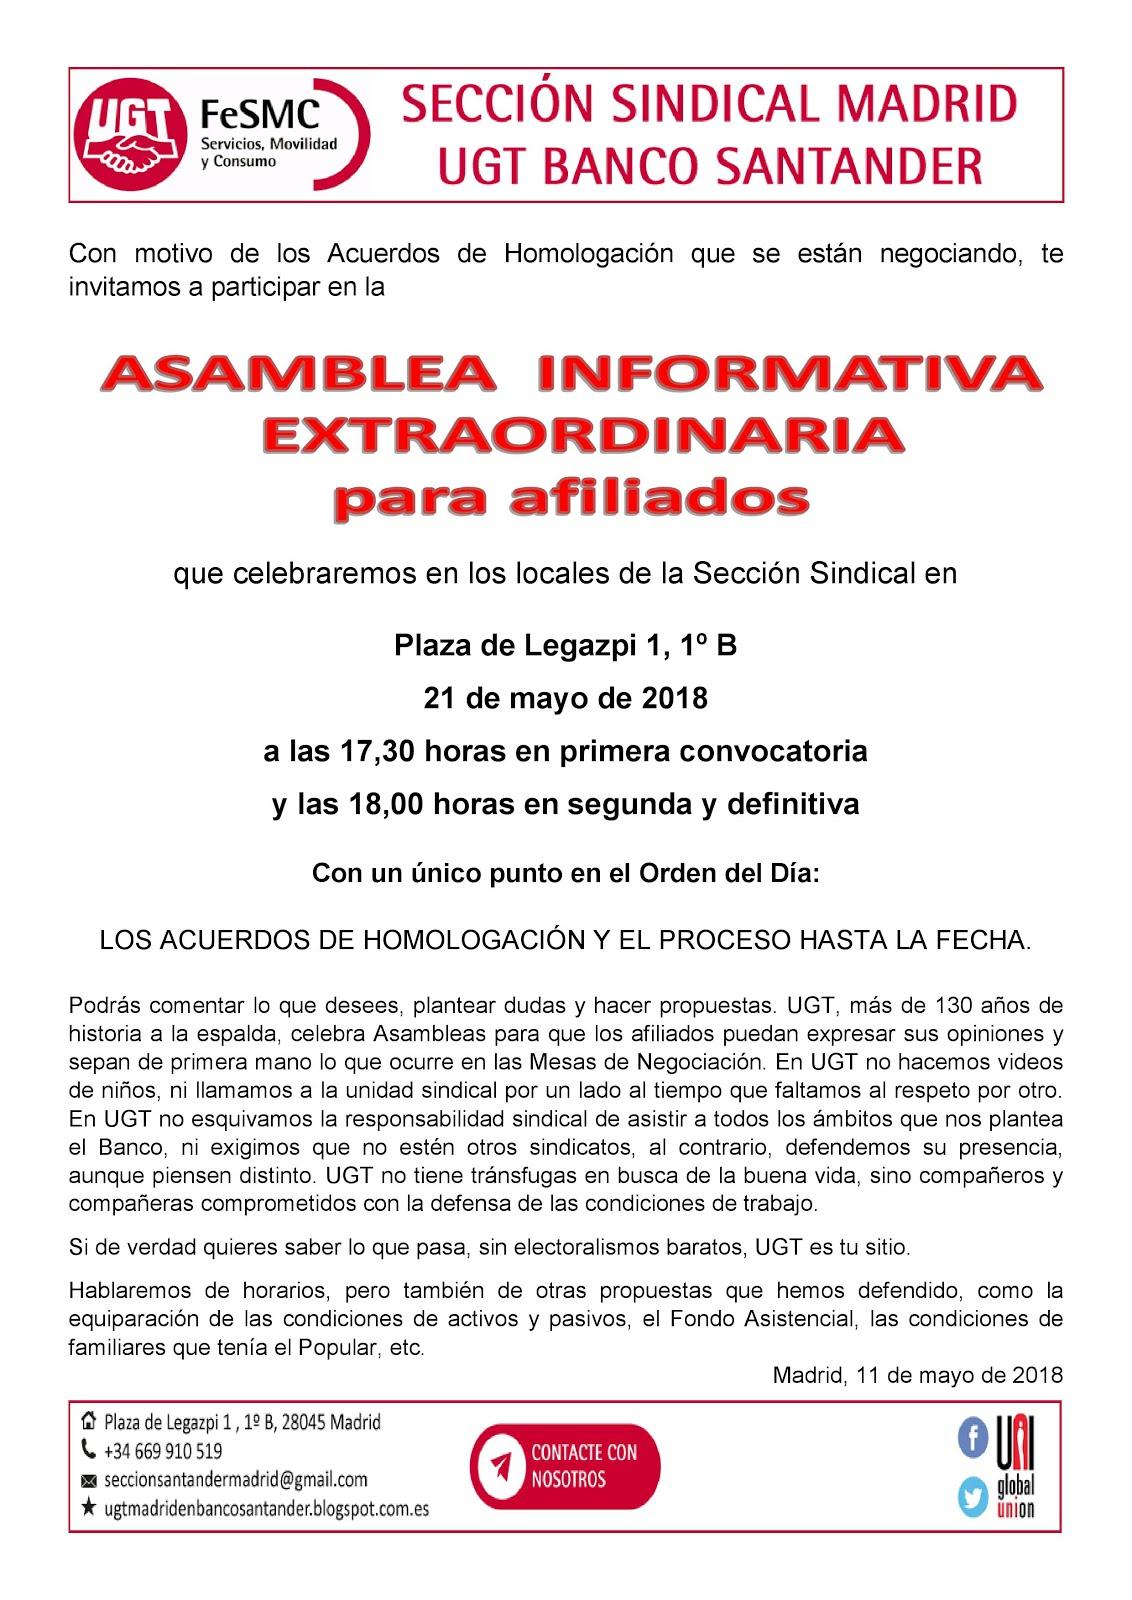 ASAMBLEA EXTRAORDINARIA 21/05/2018